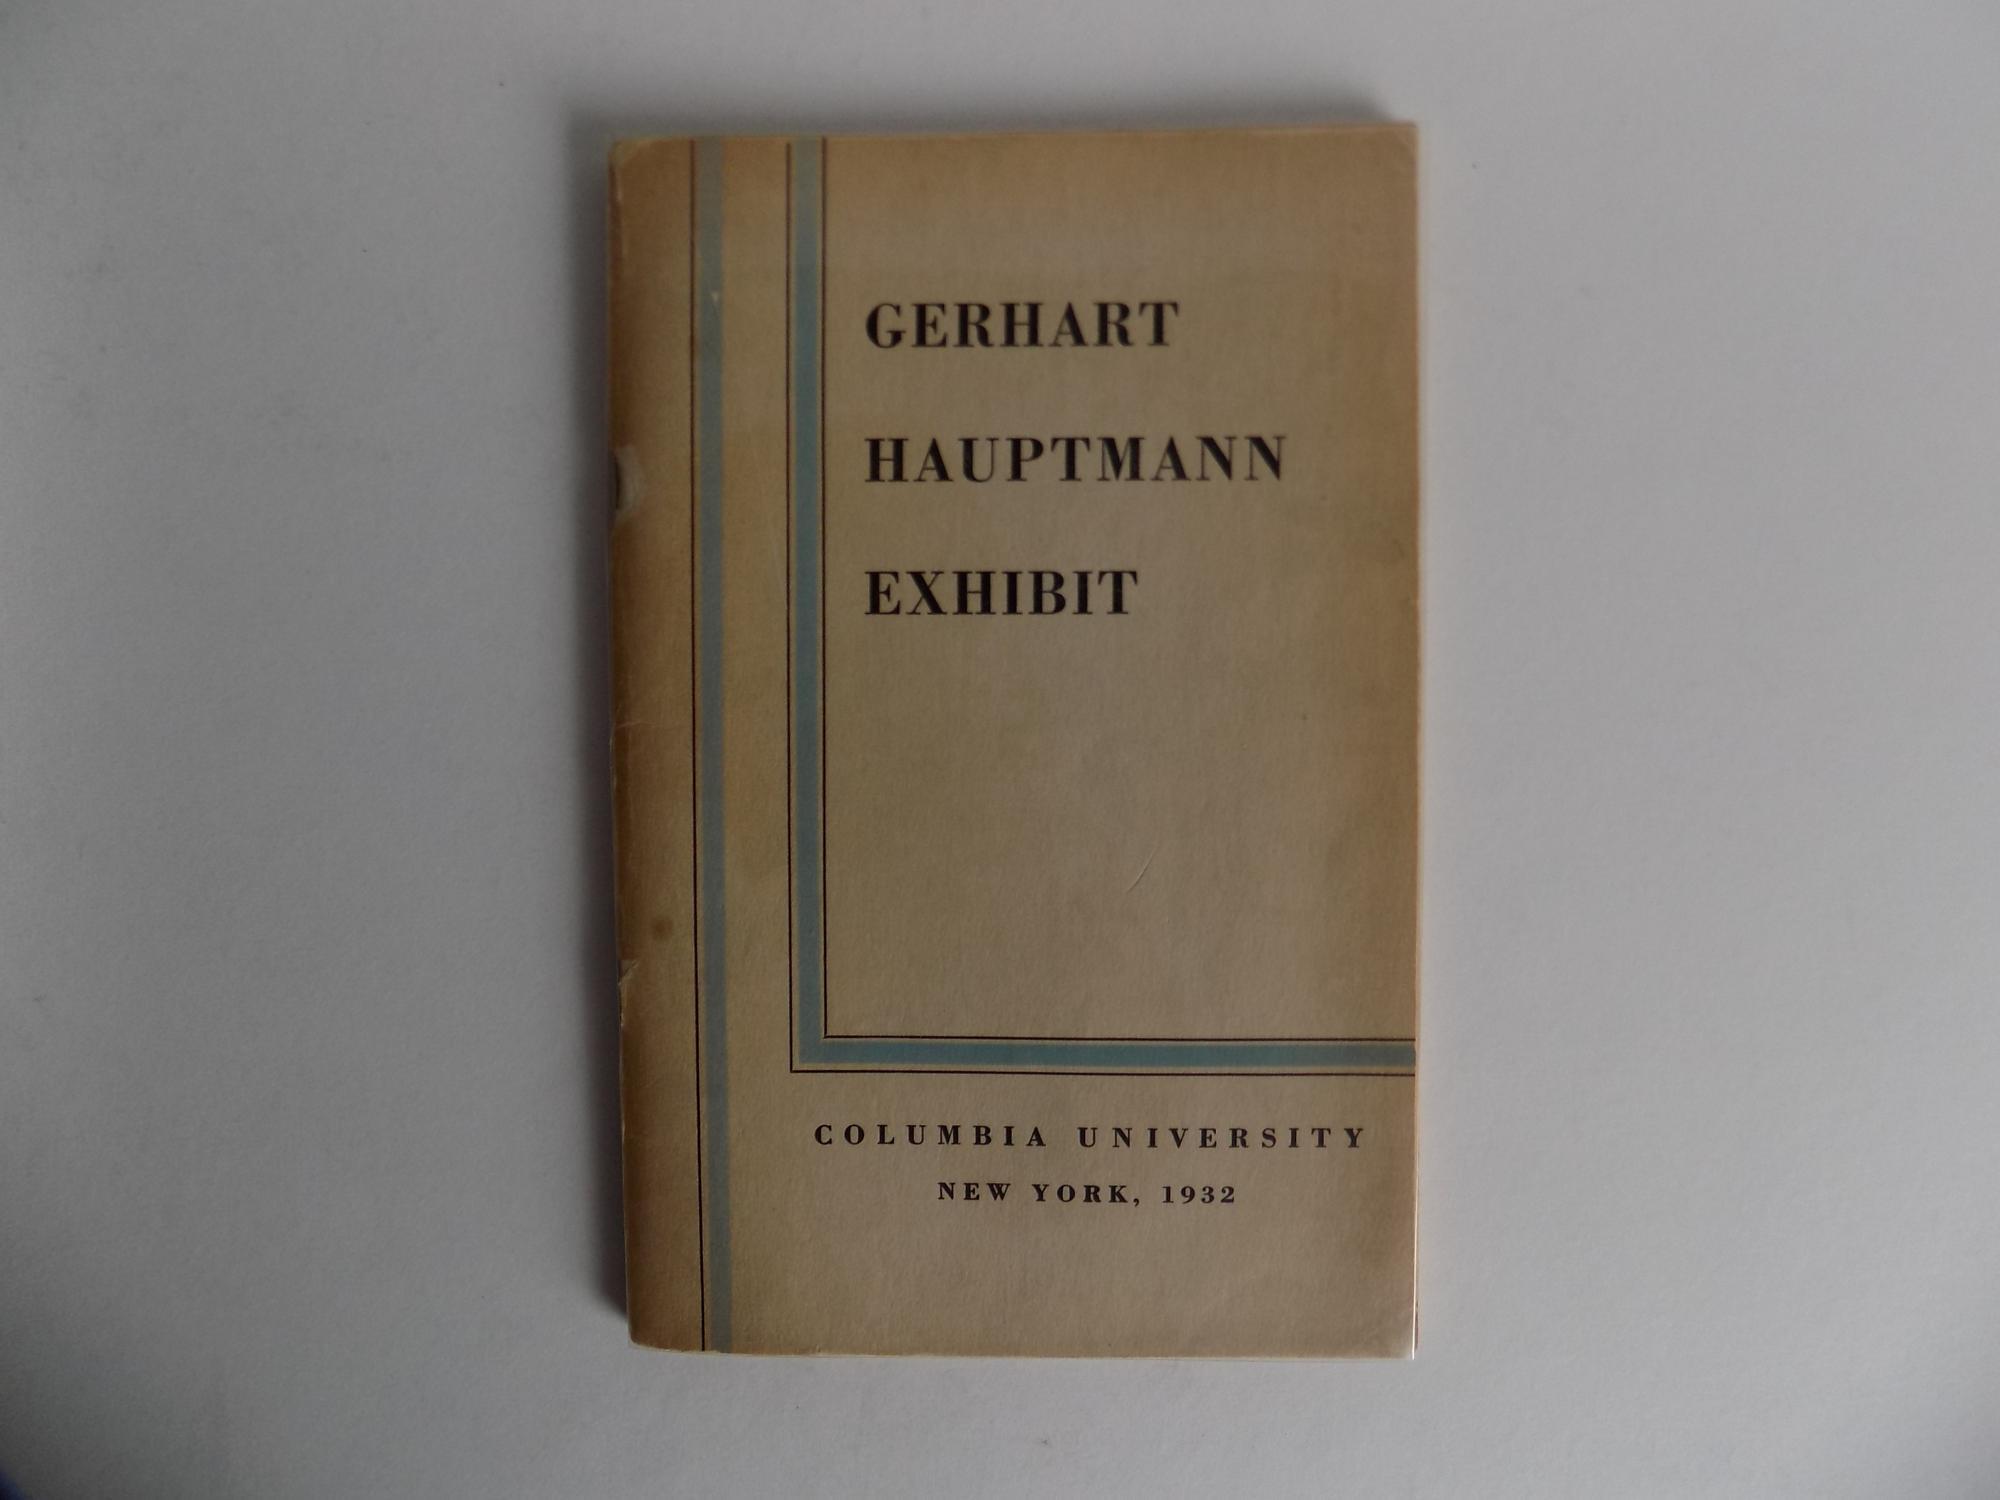 Das Gerhart Hauptmann Haus Erstausgabe Zvab